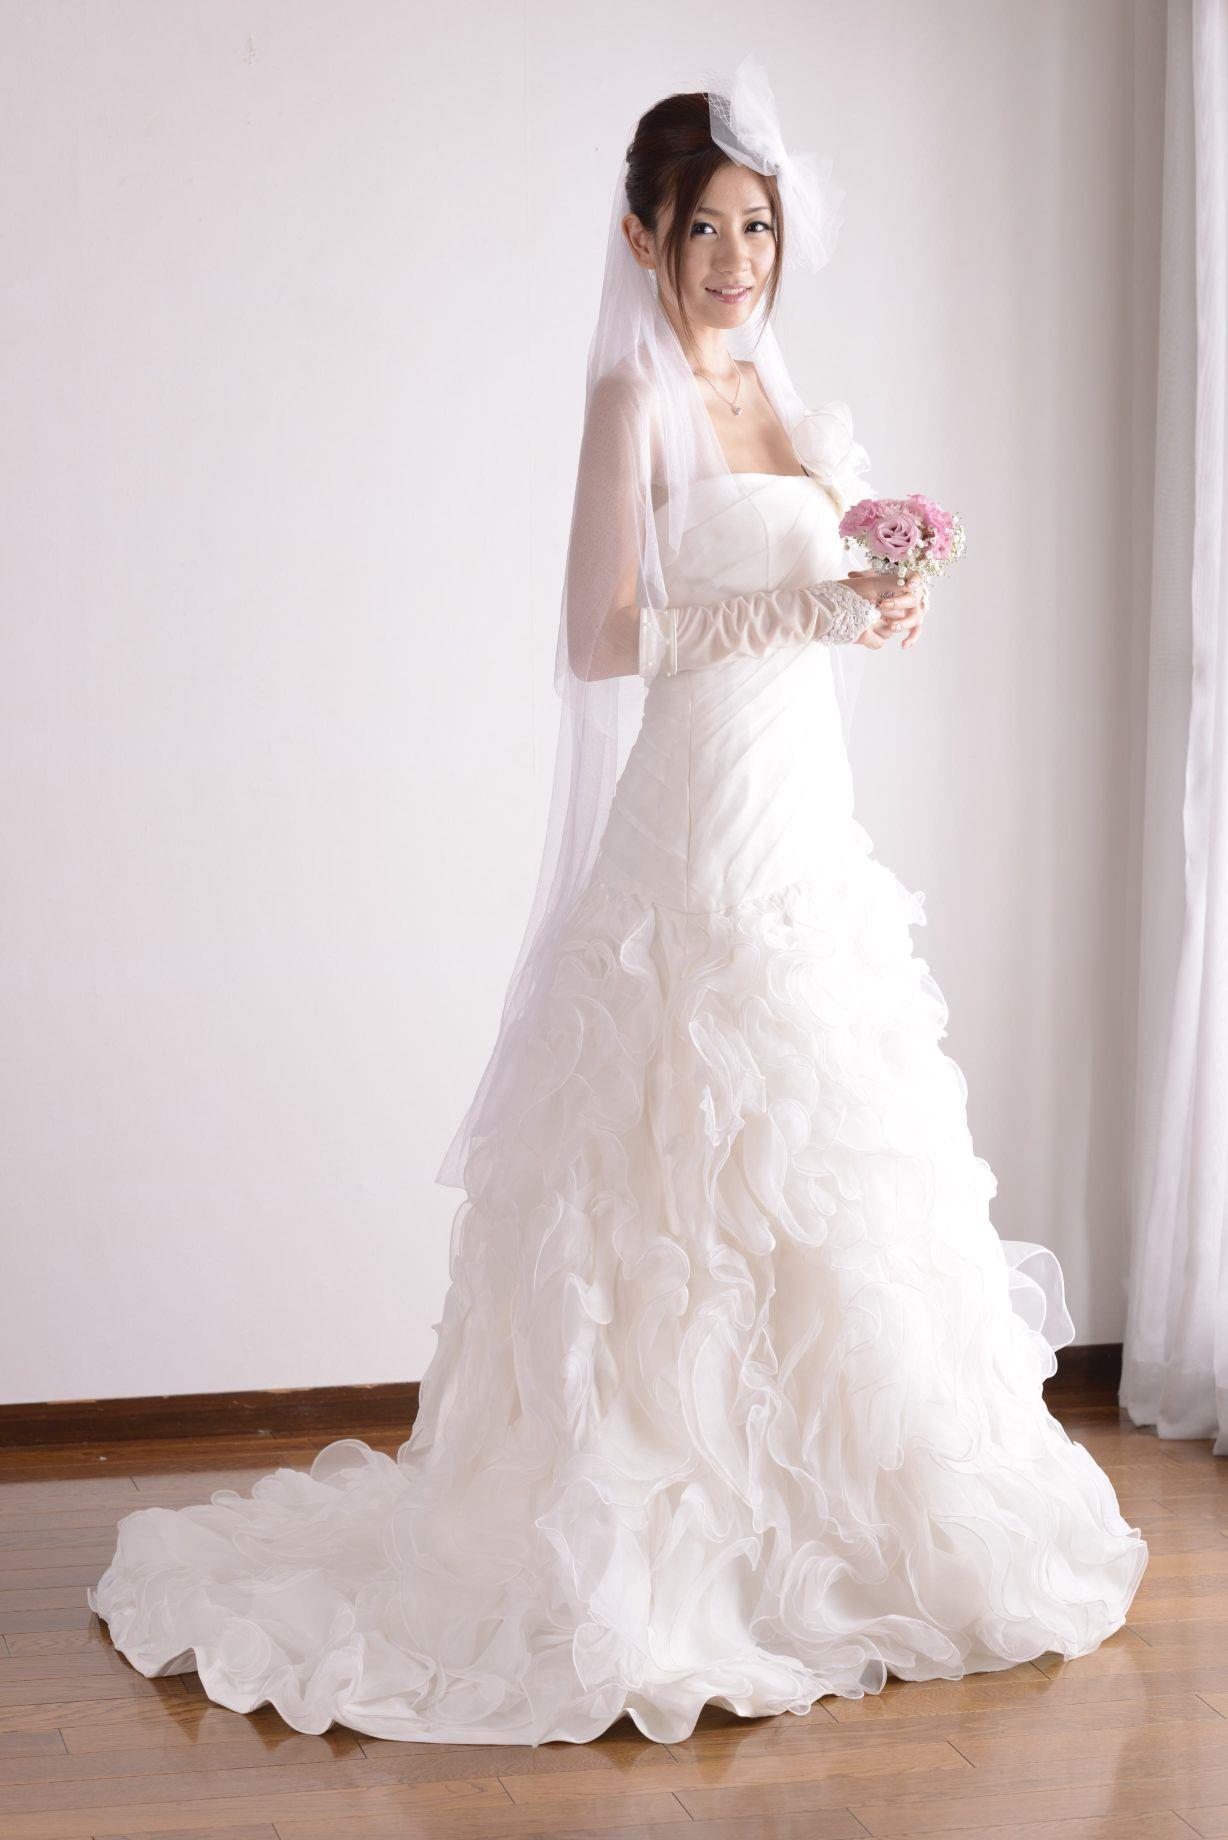 前田かおり ウェディングドレス画像 3